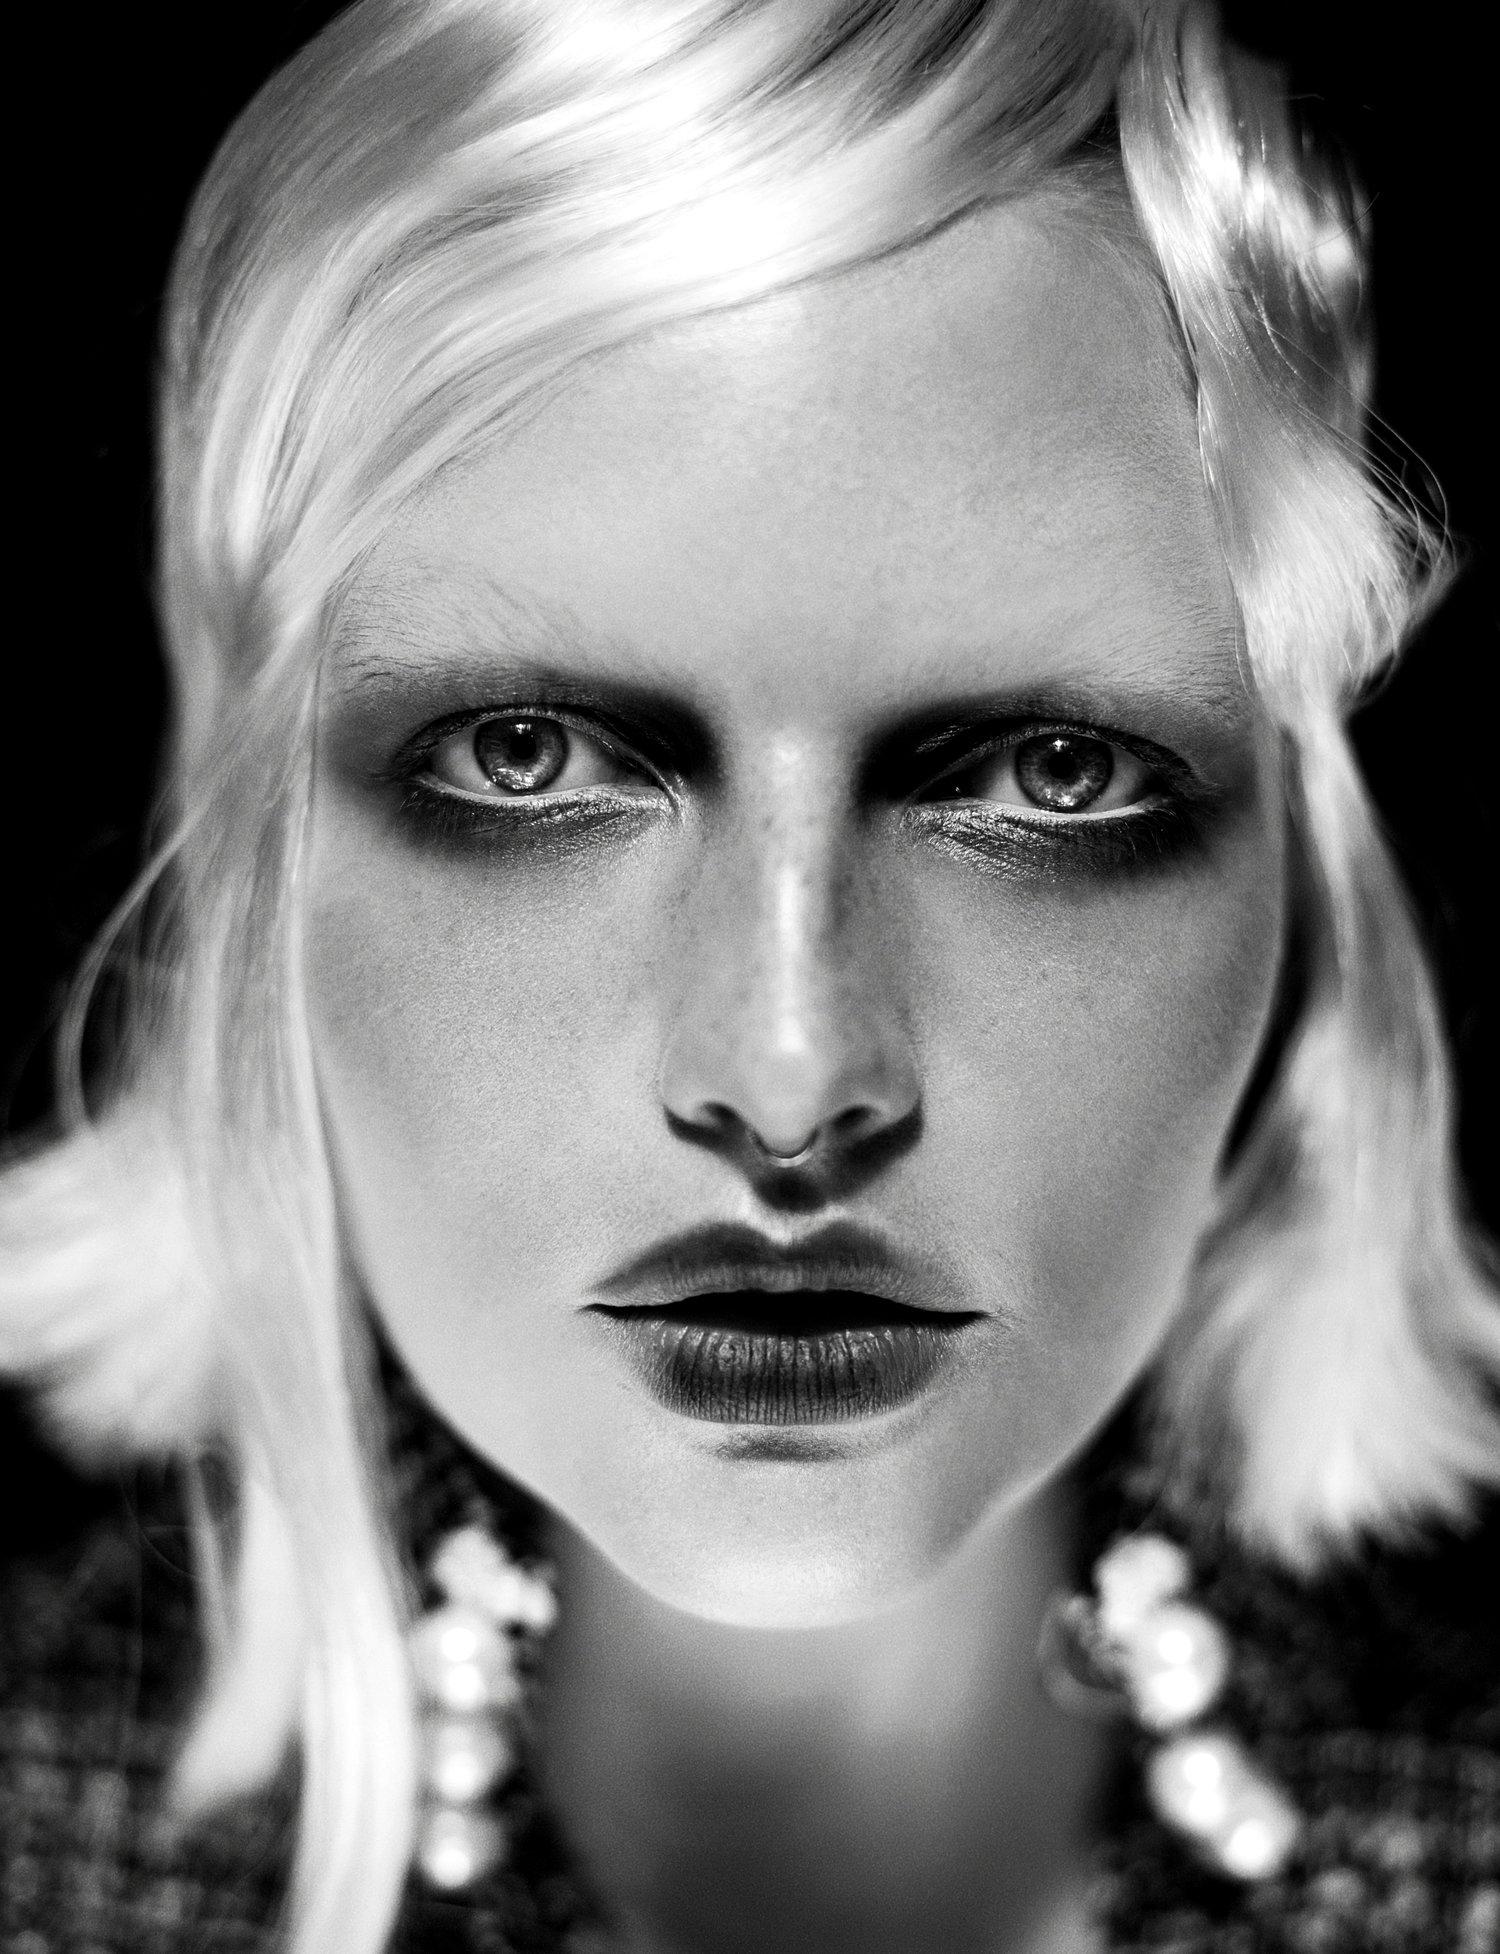 Photographie portrait noir et blanc artistique avec la mannequin Julia Lamarque.jpg